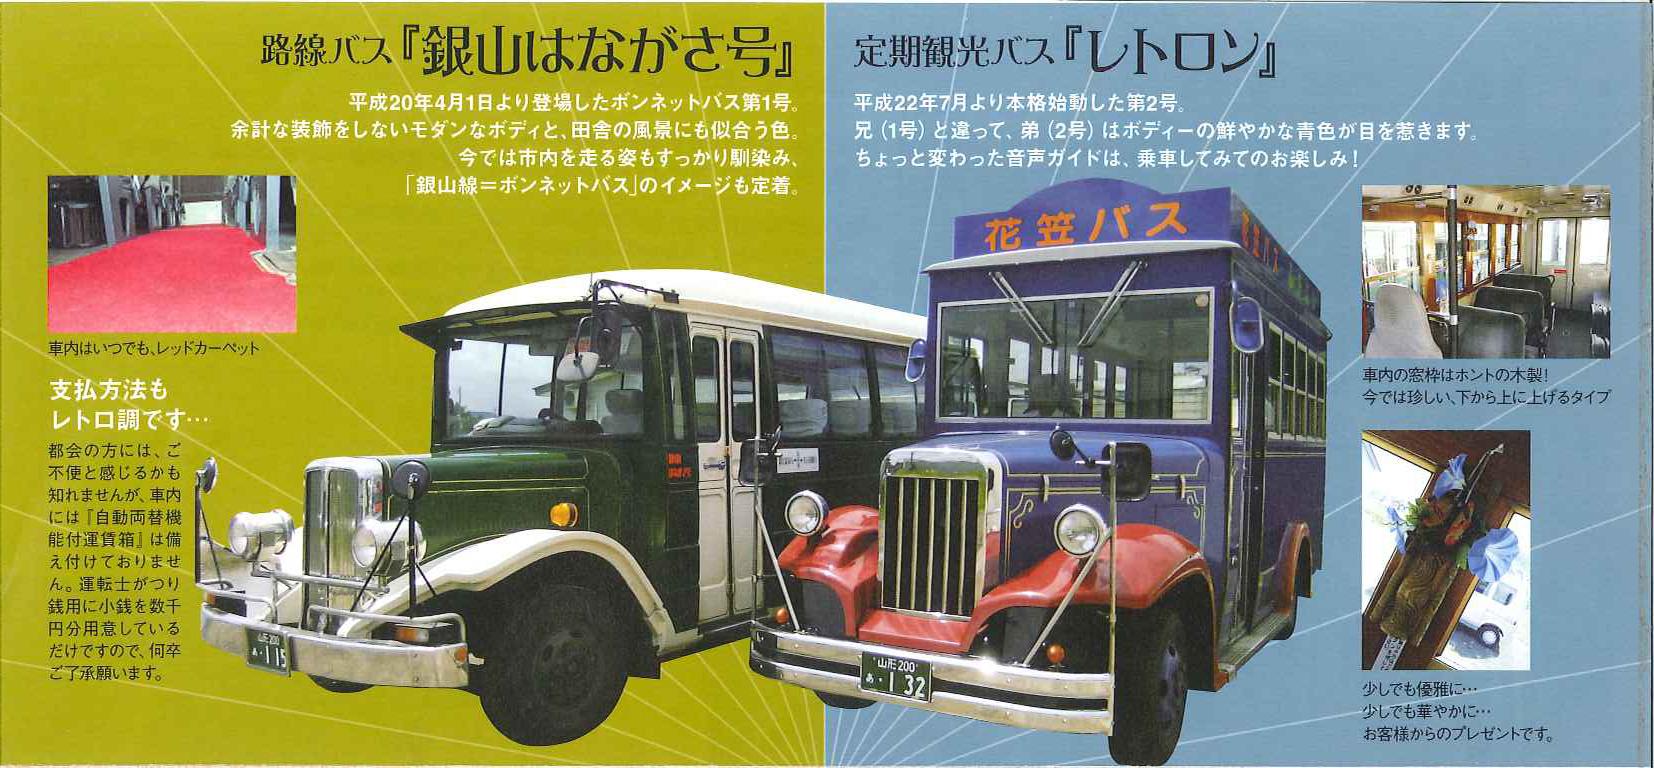 レトロなボンネットバスで尾花沢を満喫!『�はながさバス』【おばねトップランナーVol.2】:画像